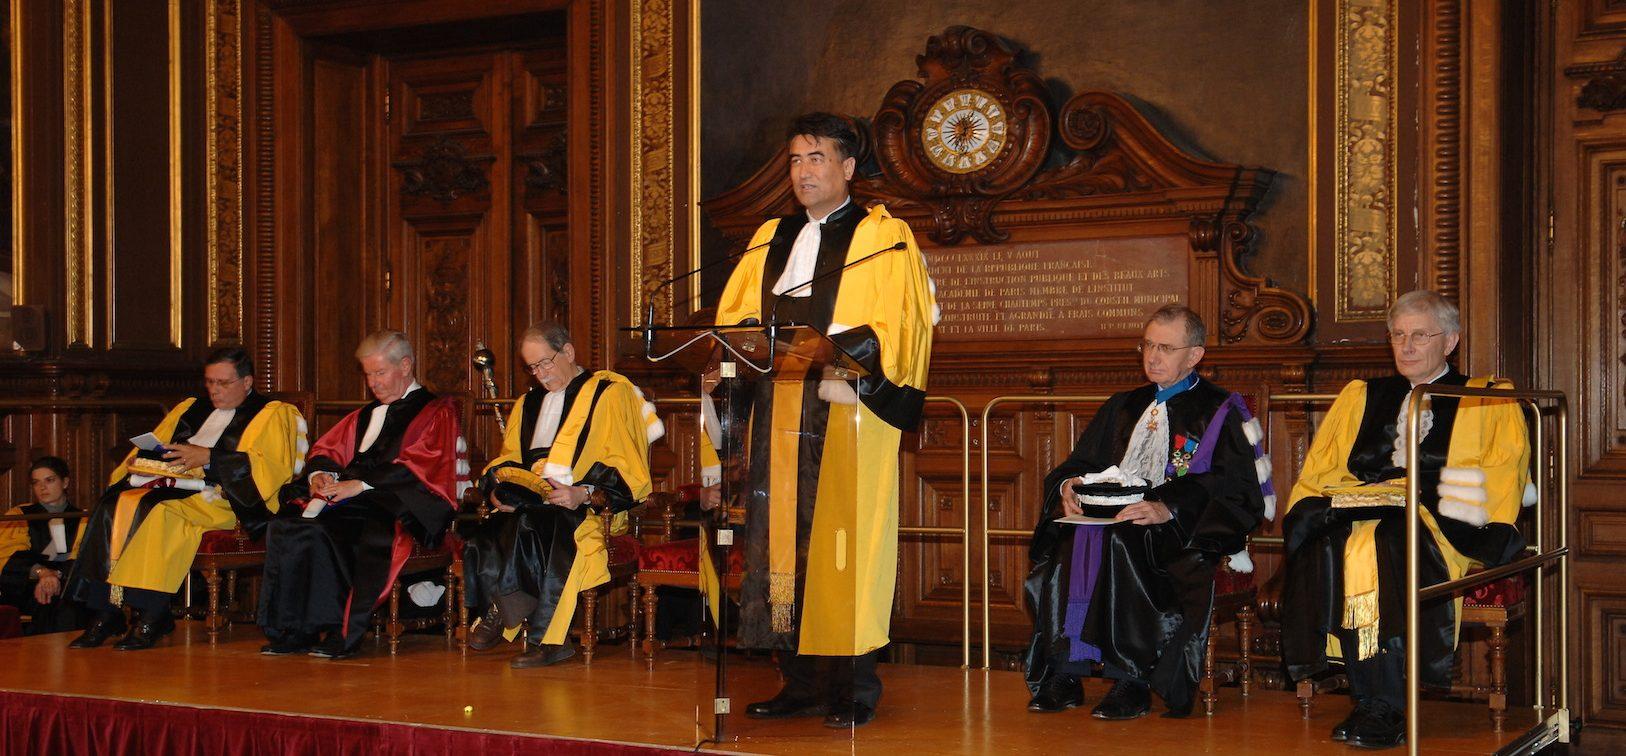 Tashpolat Tiyip à Paris, durant la cérémonie de remise de son titre de docteur honoris causa à la Sorbonne en novembre 2008. (Crédit : DR)